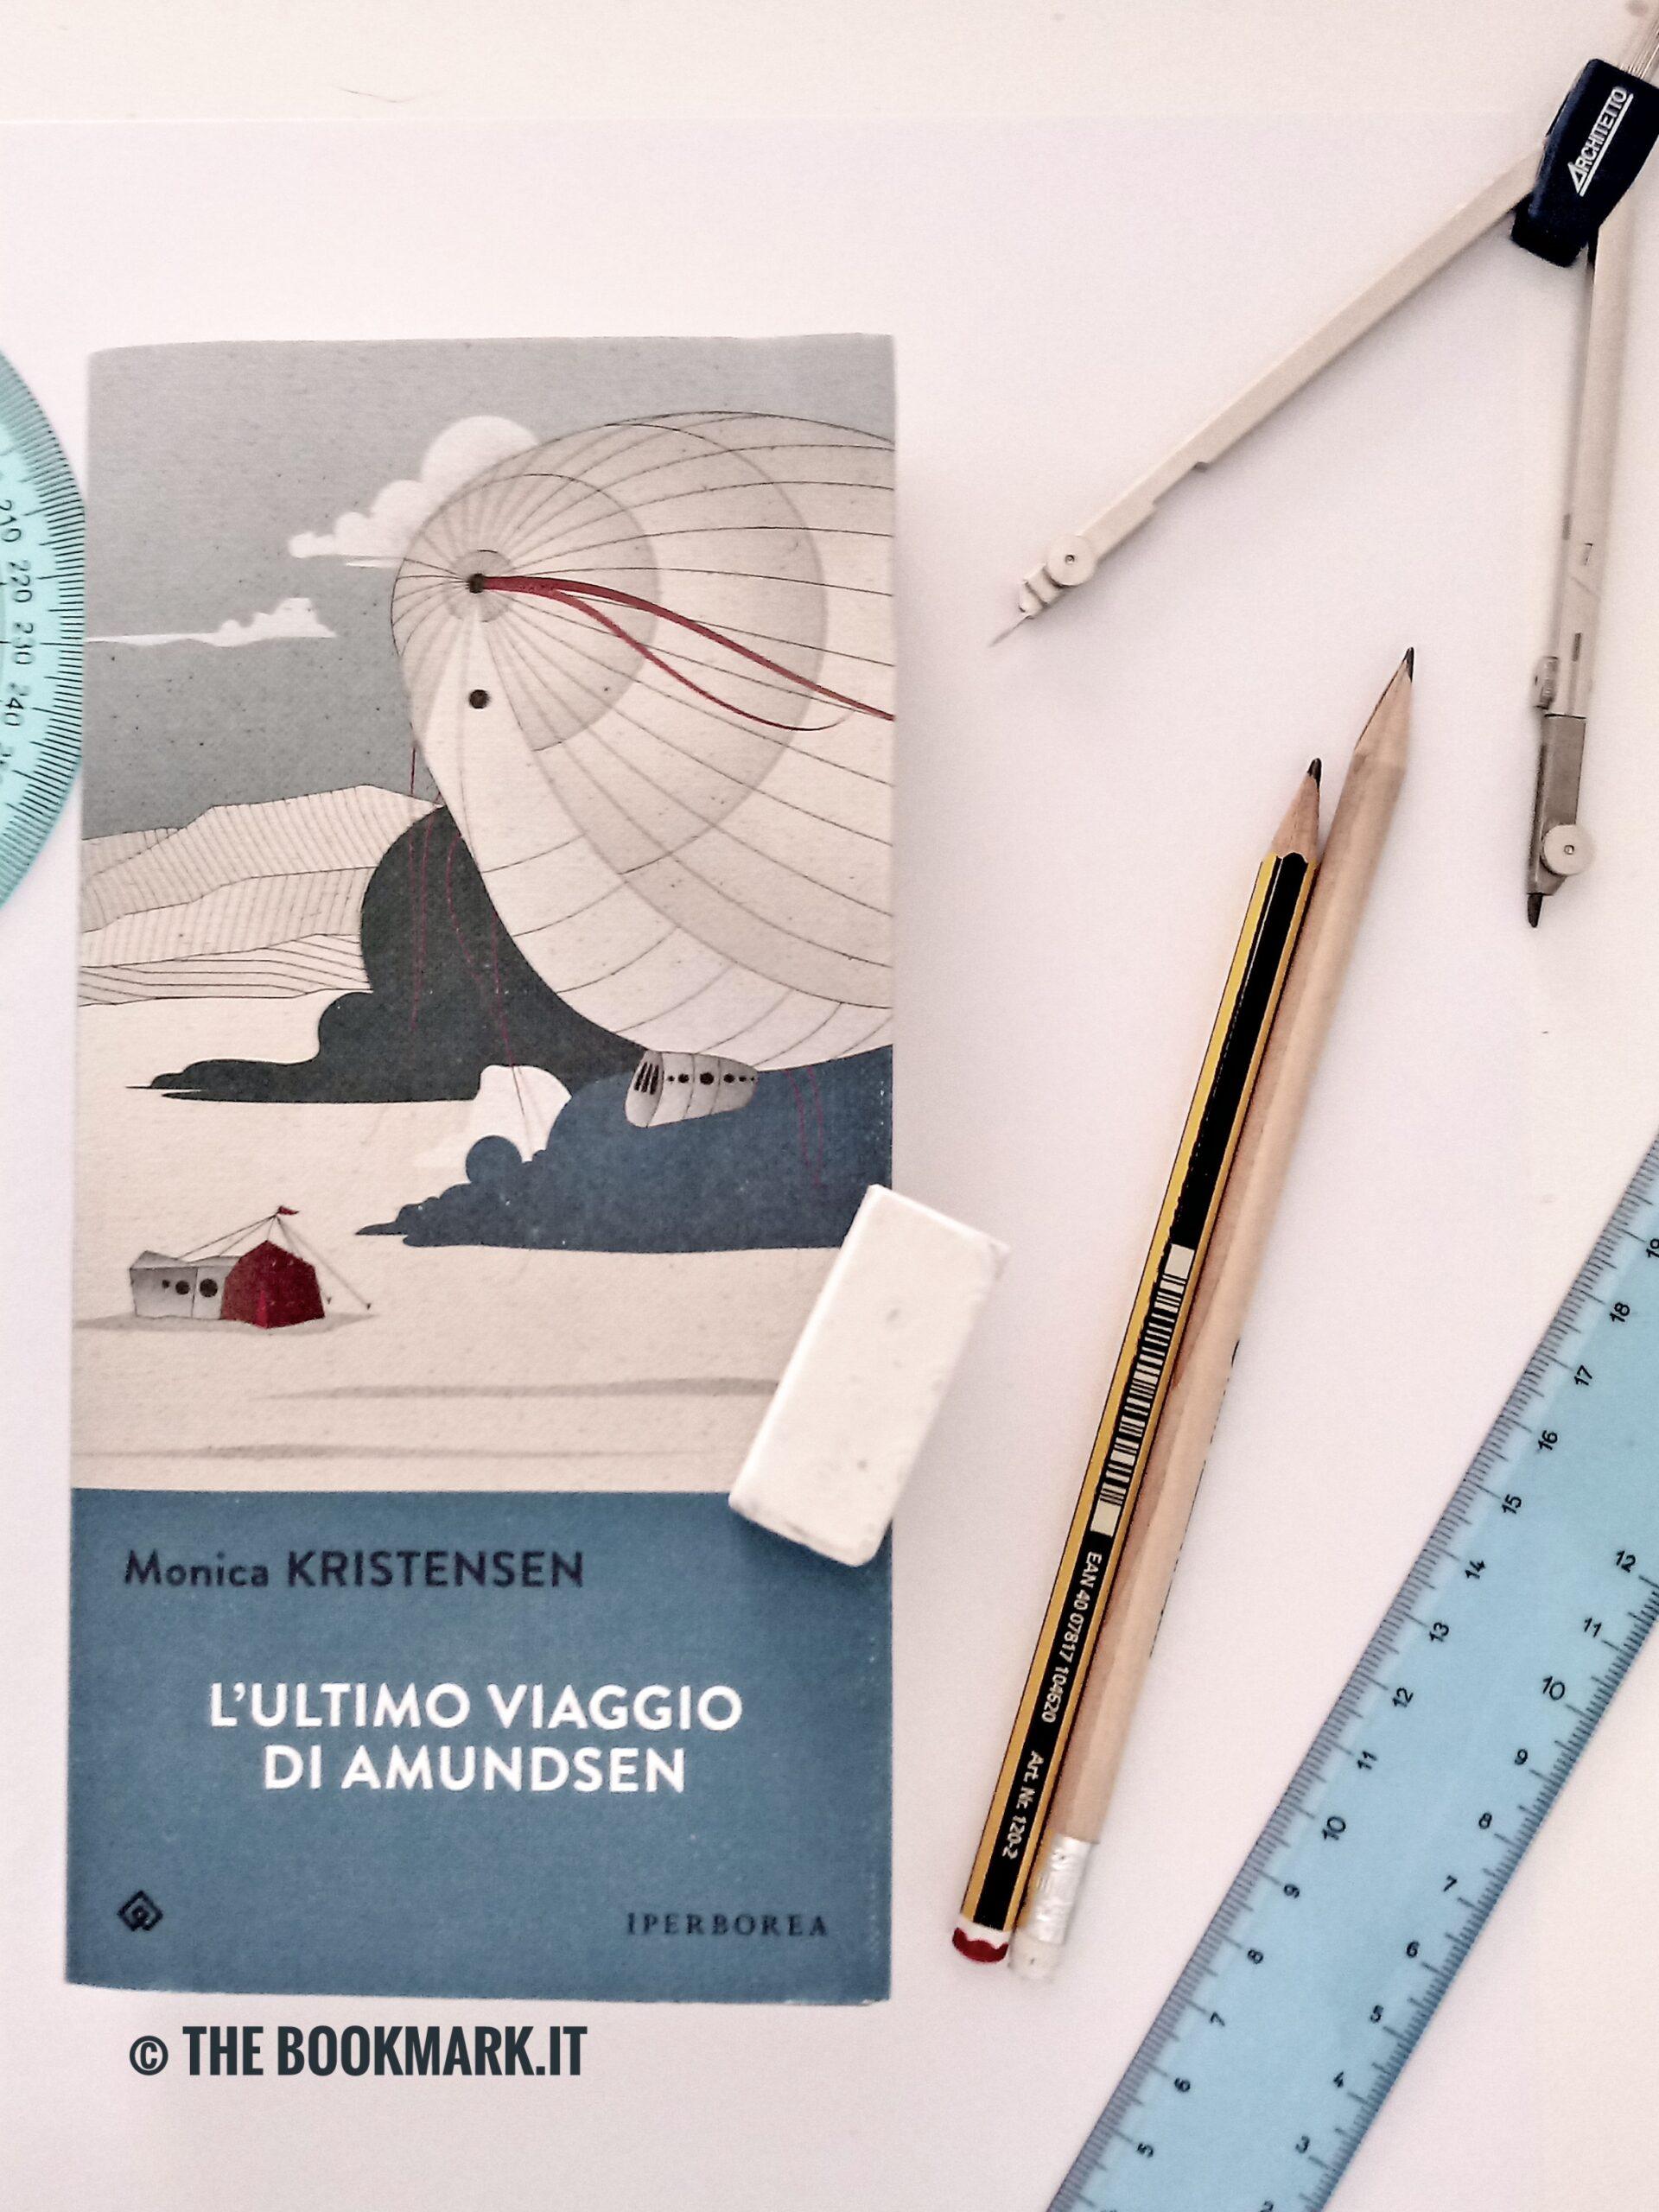 Monica Kristensen - L'ultimo viaggio di Amundsen